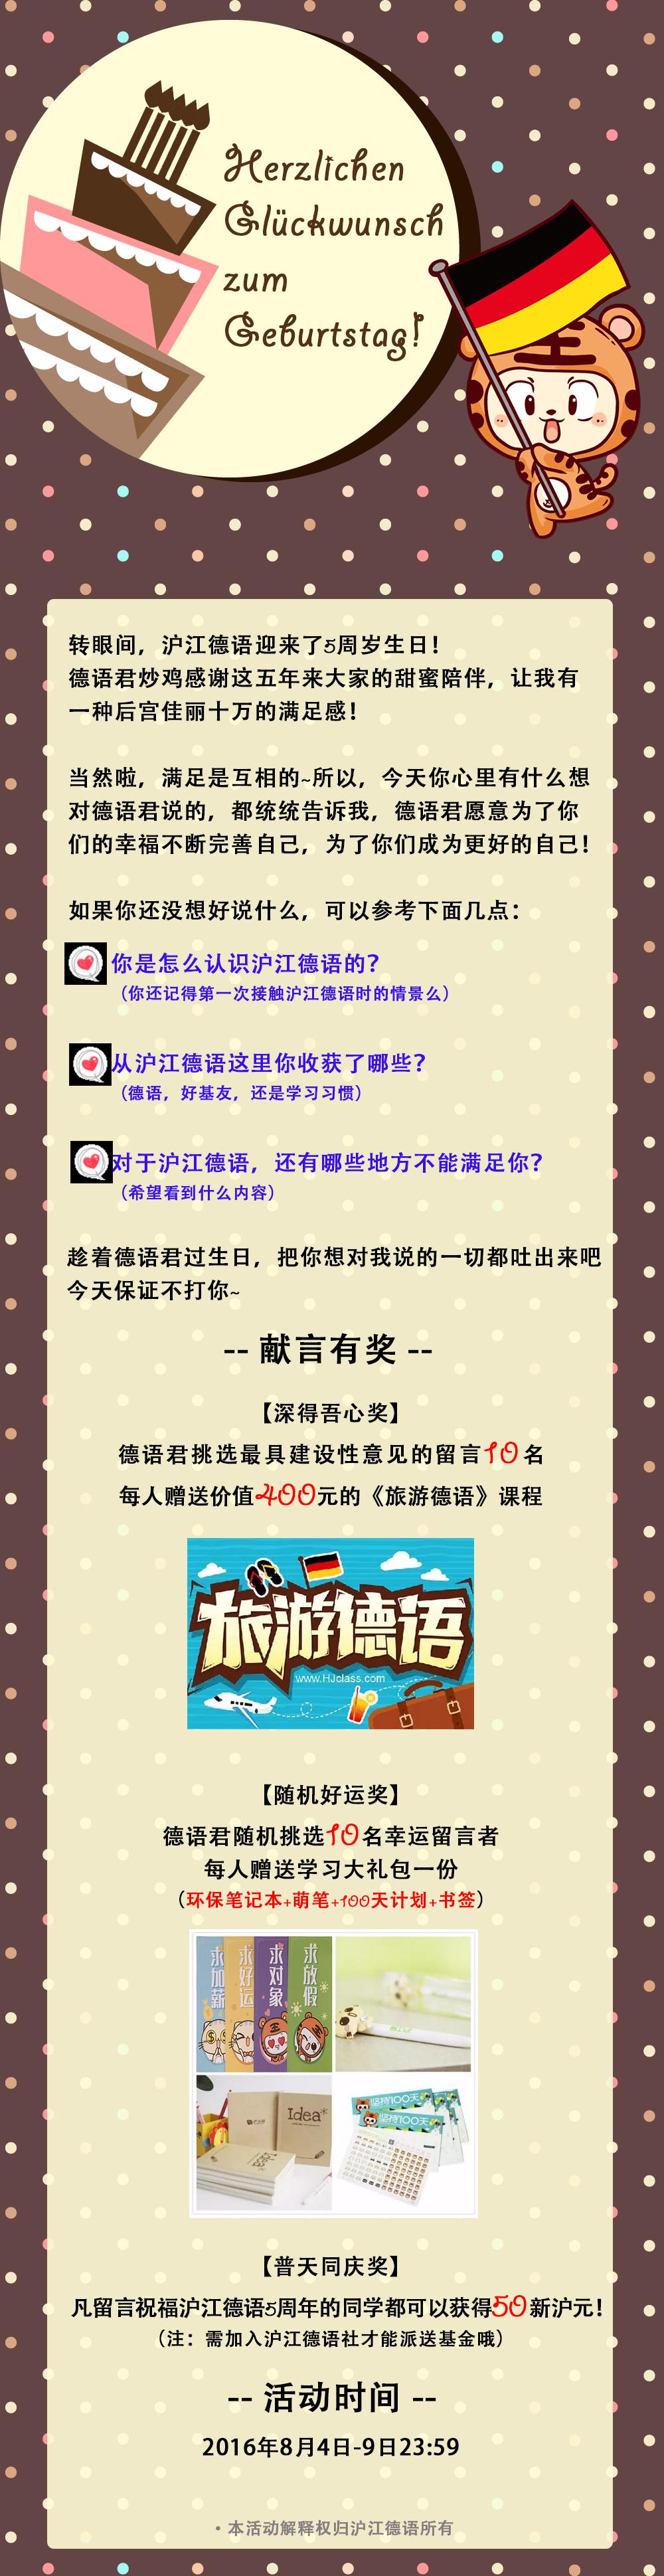 (已公布获奖名单)【沪江德语5周年】你想要我怎样?献言有奖!